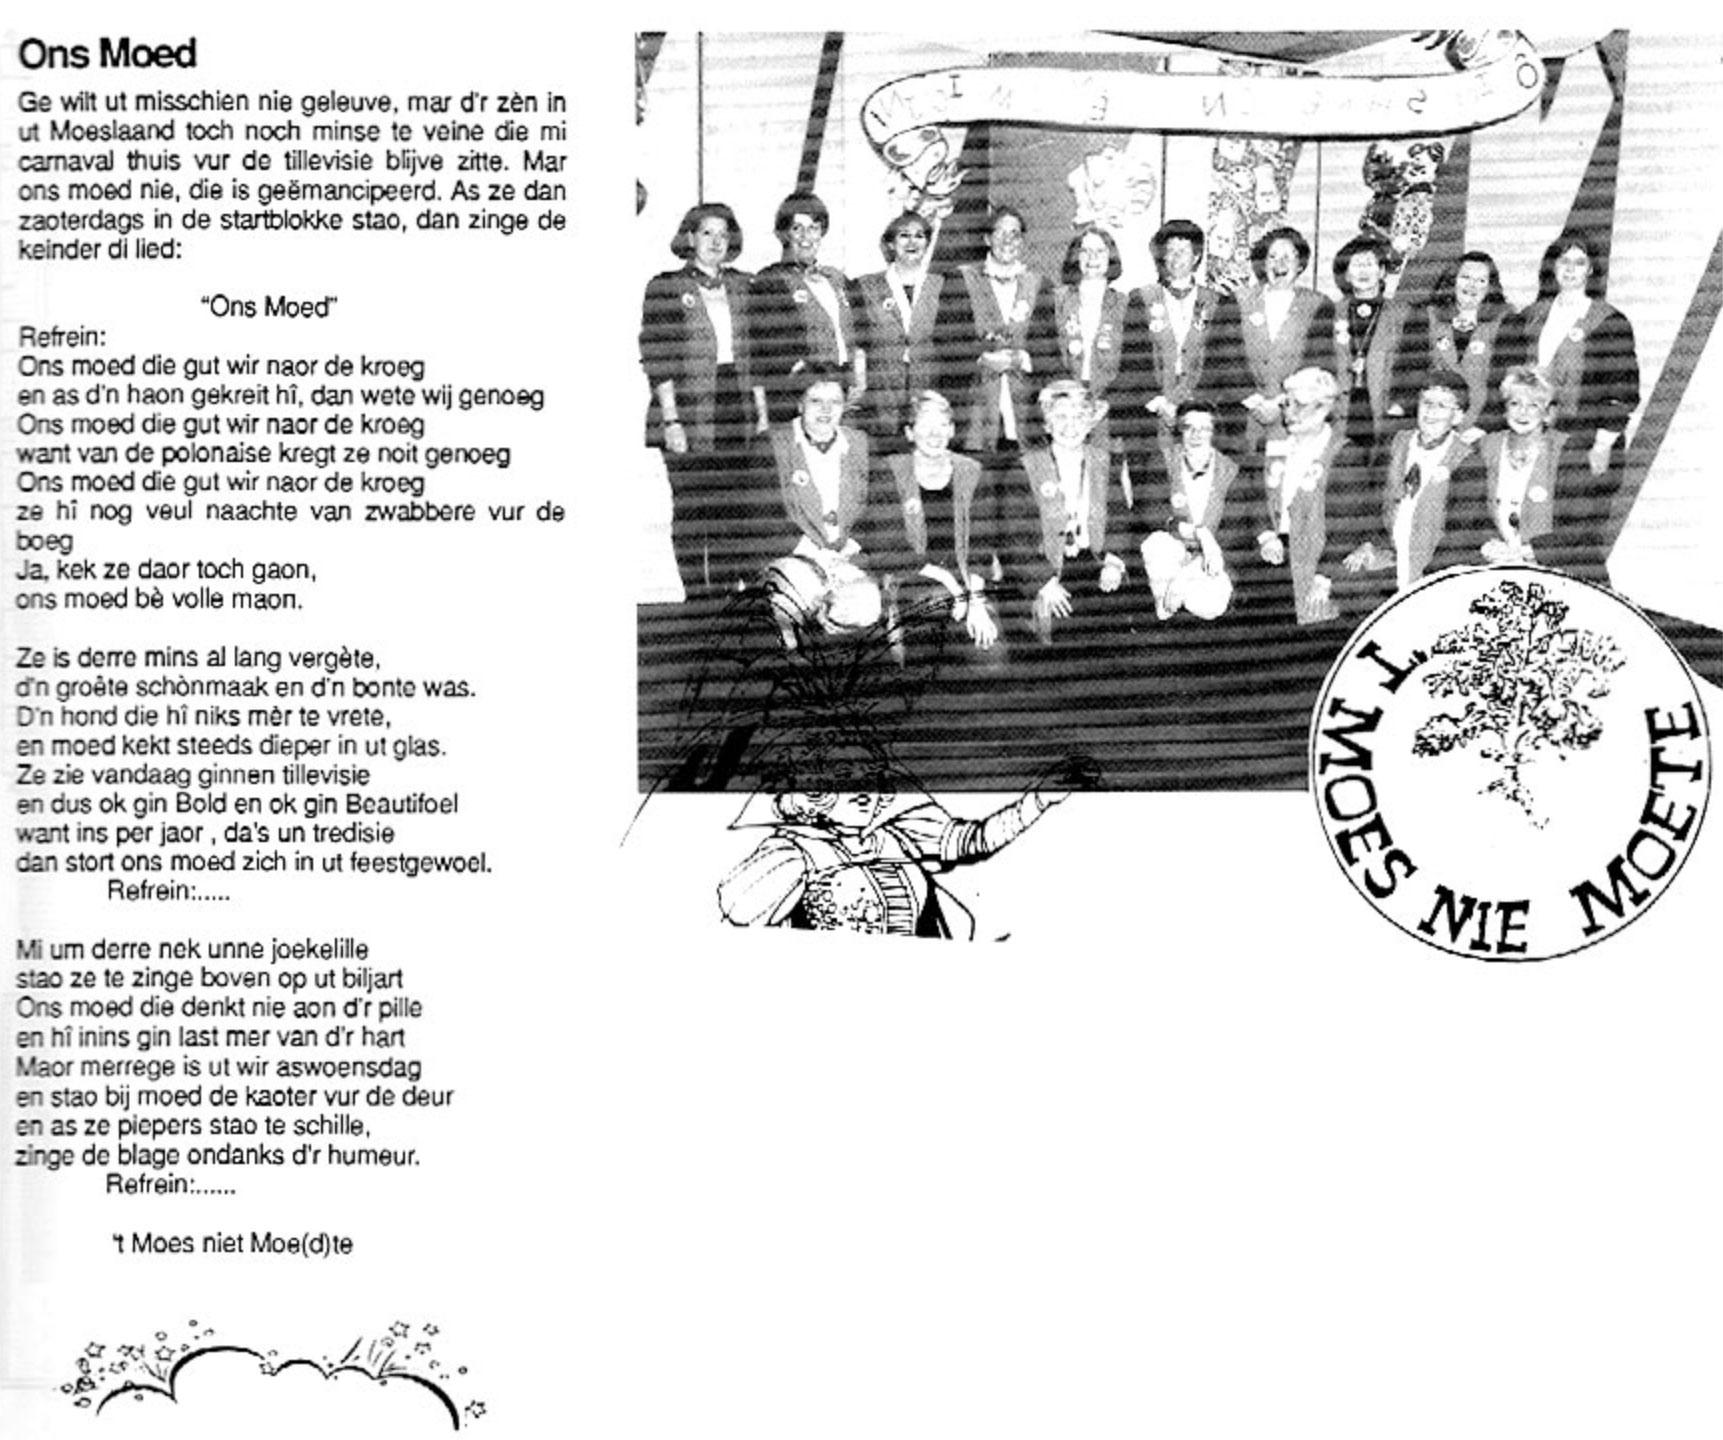 Carnavalskrant 't Moes Nie Moete - 1997